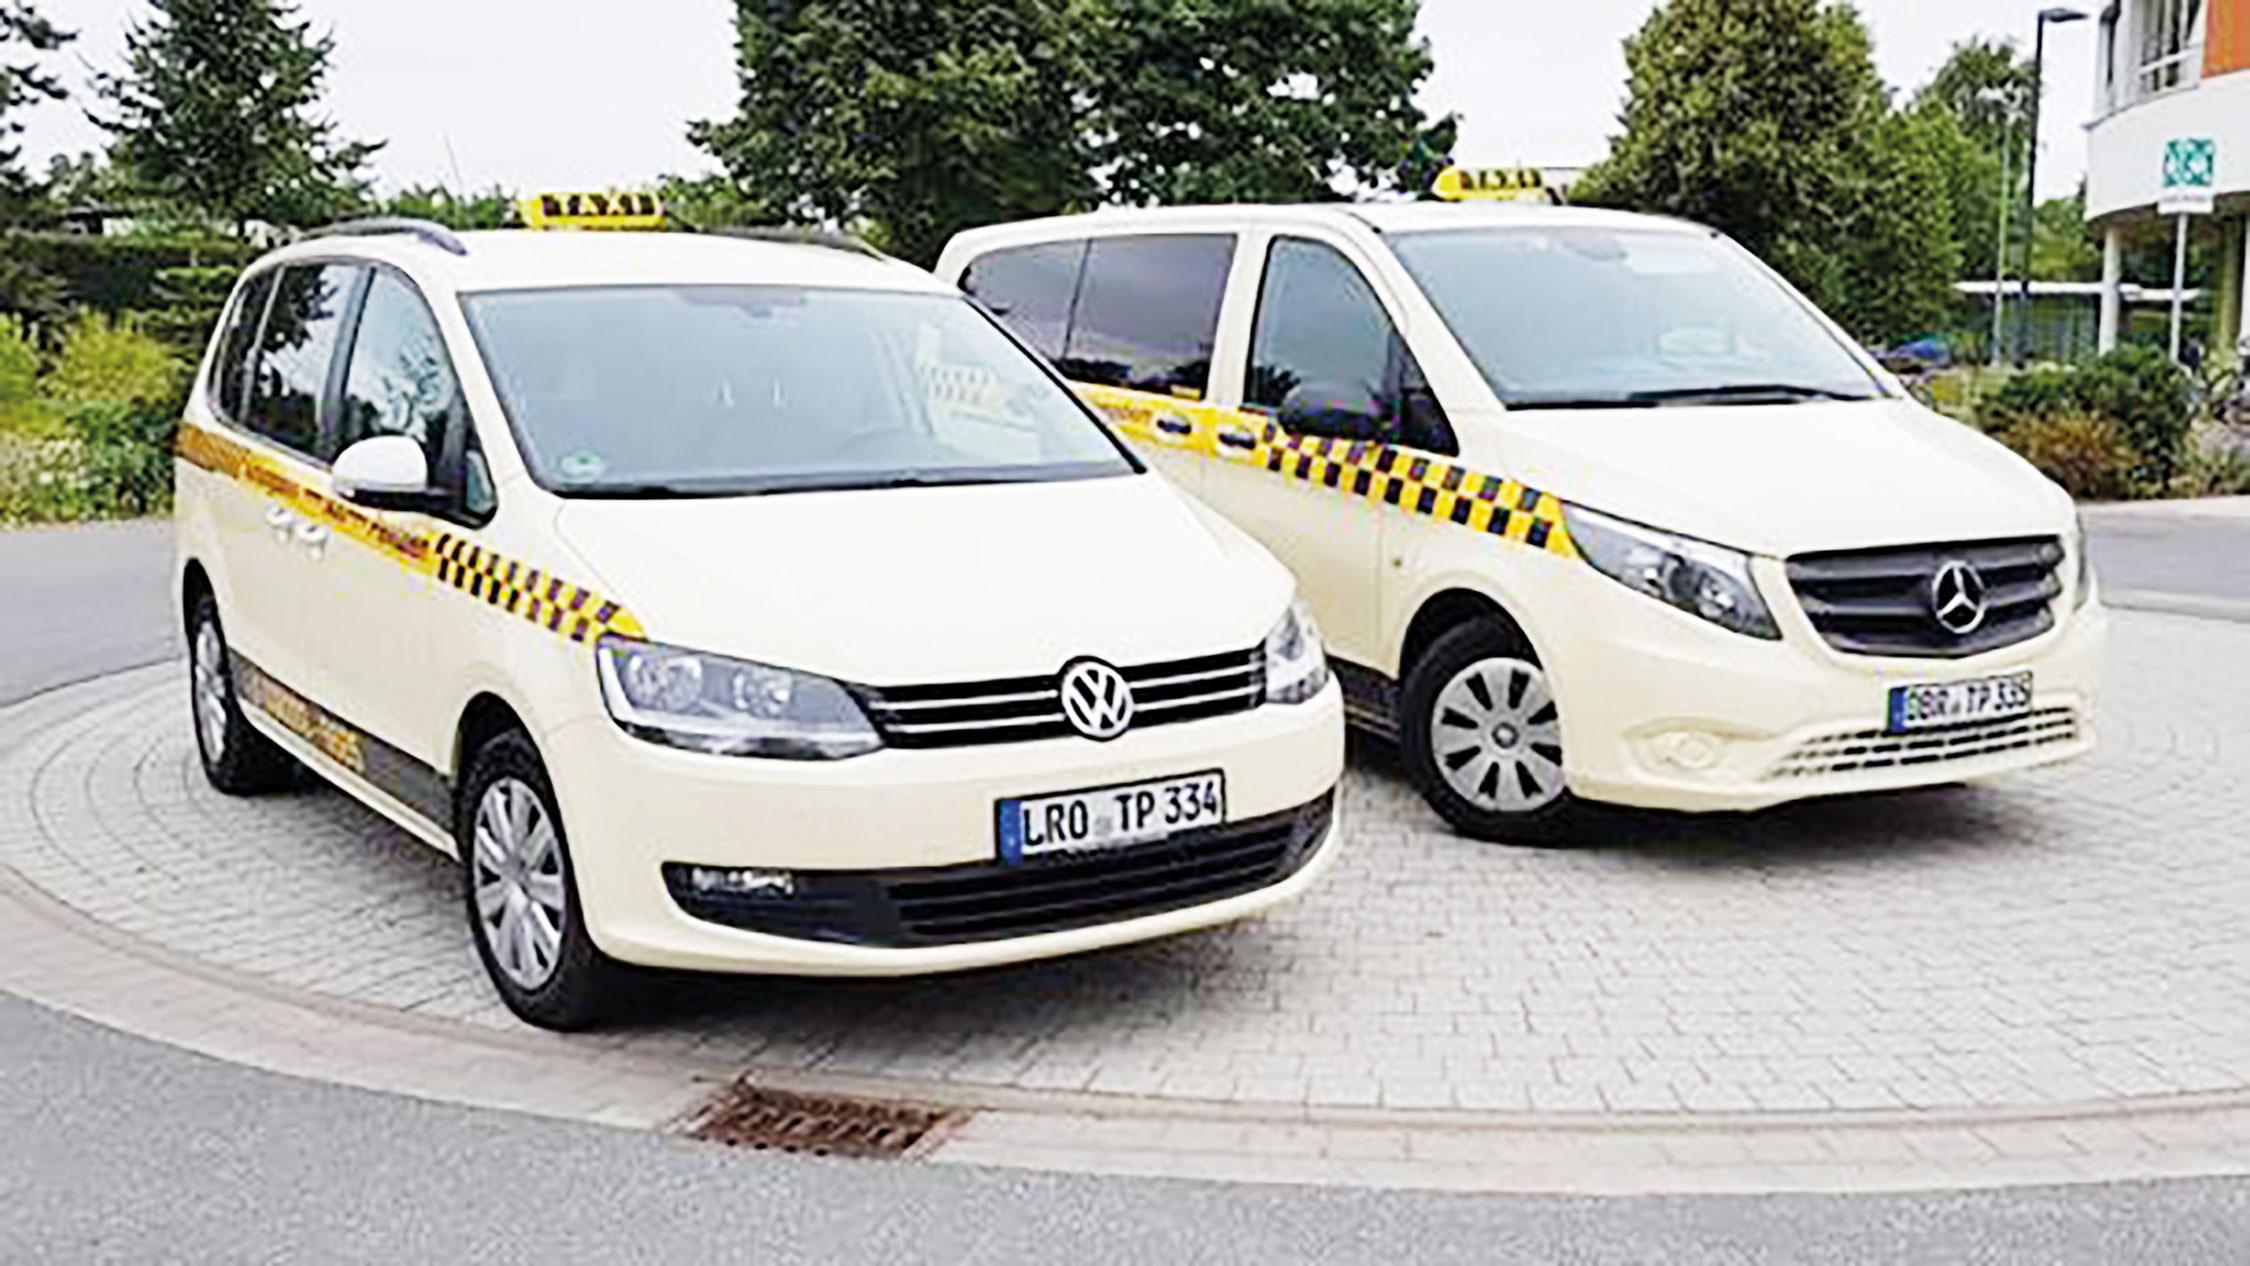 taxi-5f56901c